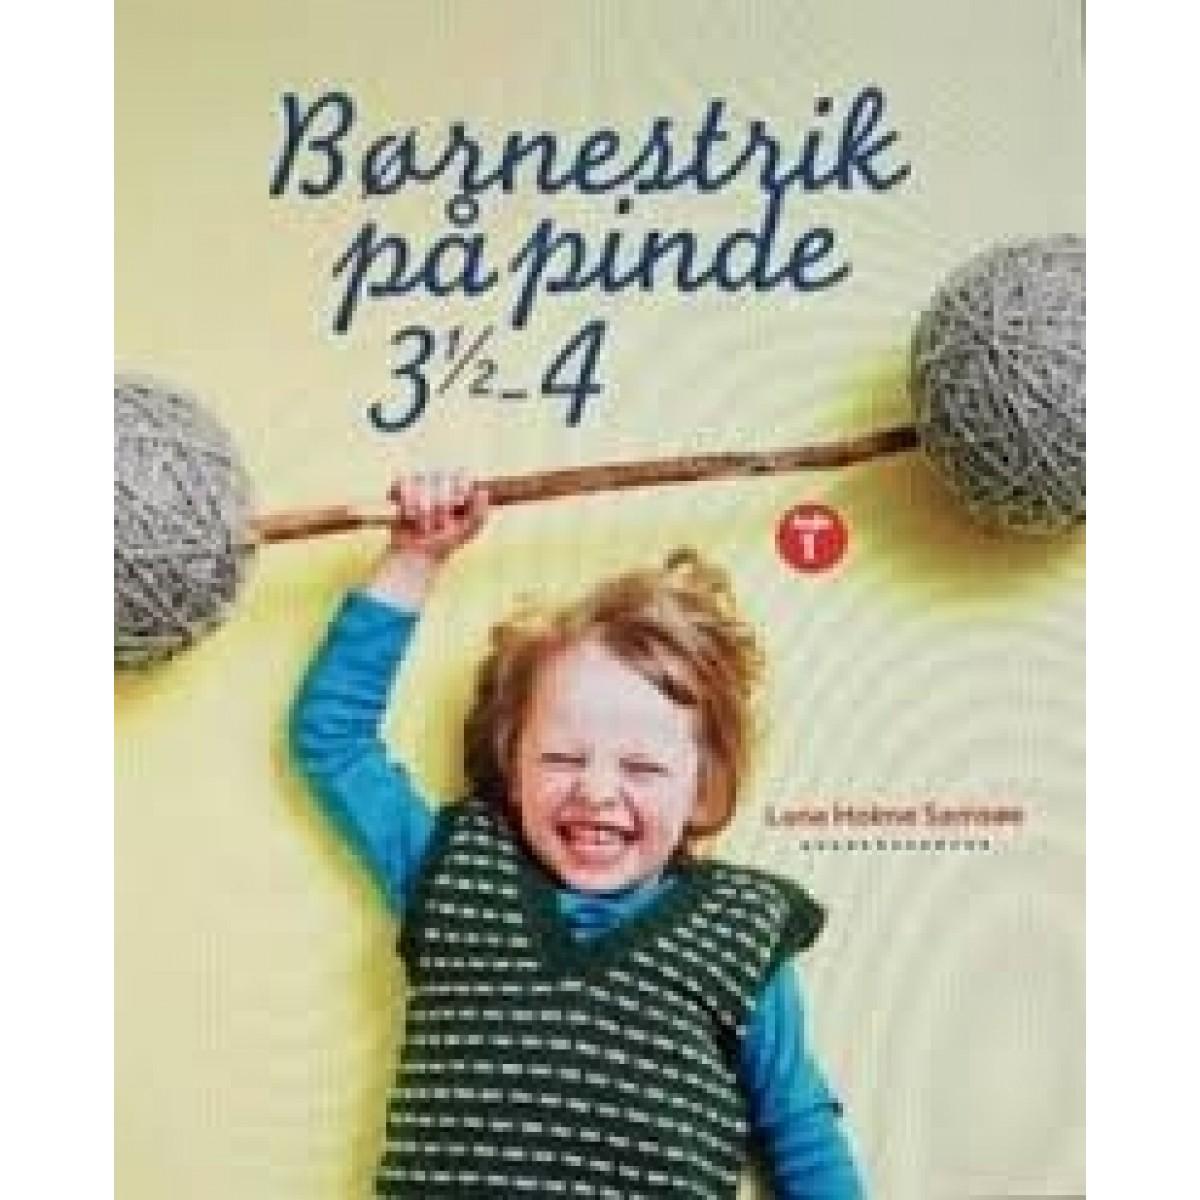 Børnestrik på p. 3½-4-33